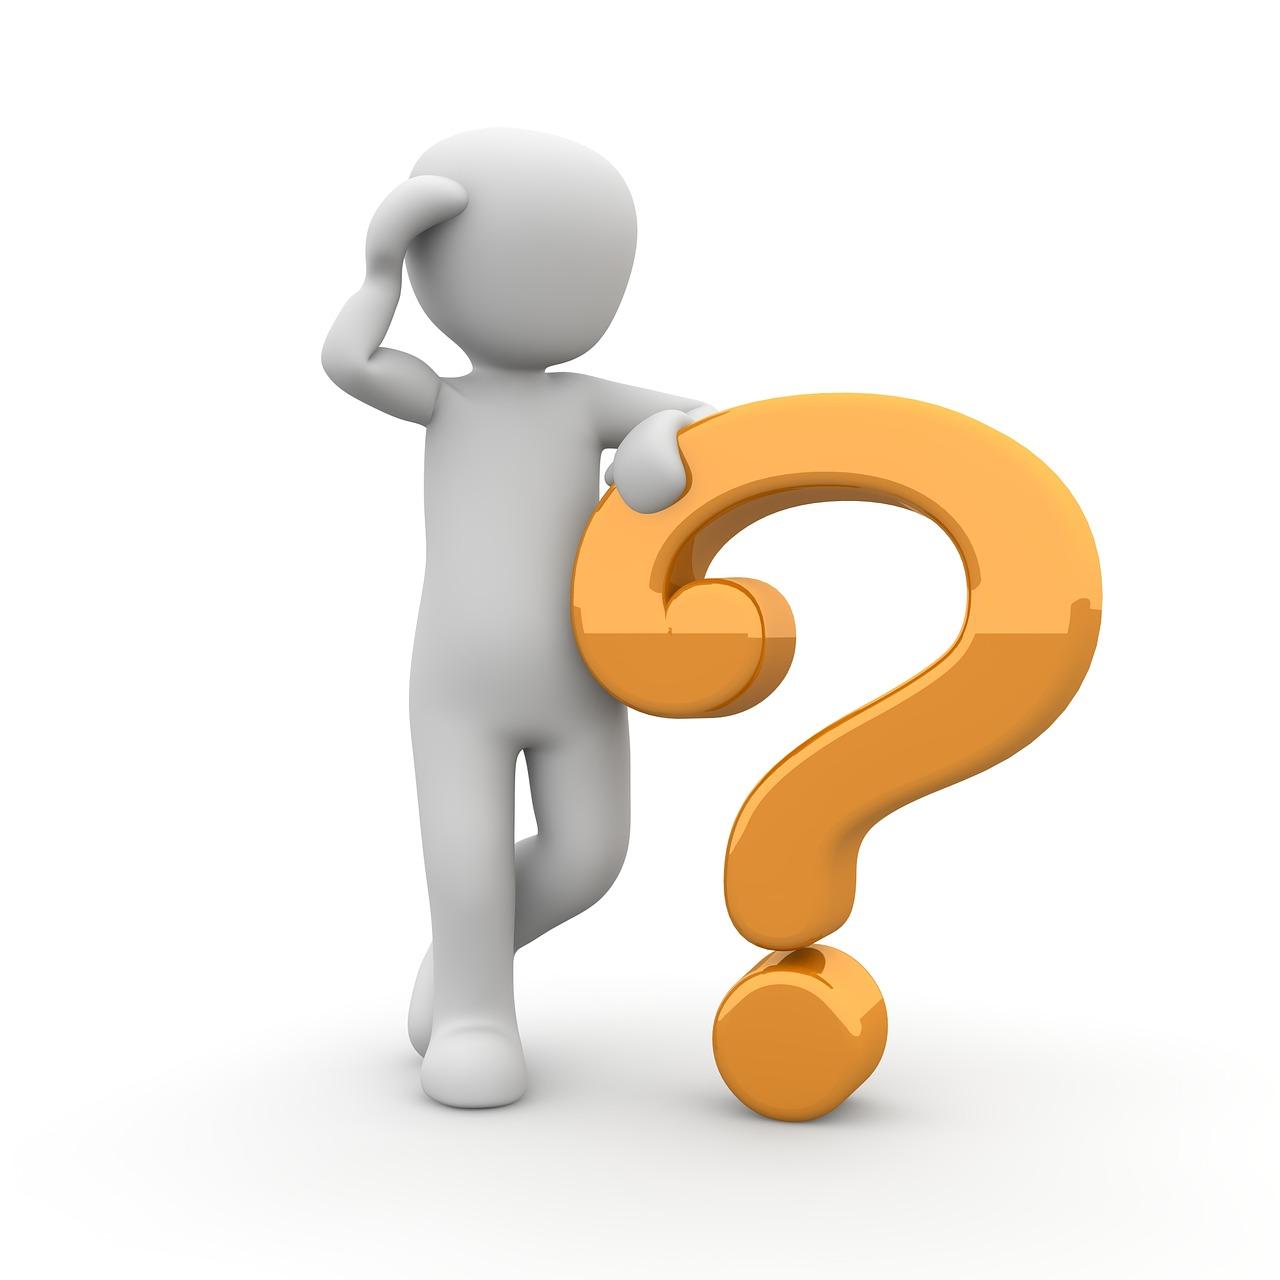 ローンの返済が終わっているのに抵当権が残っている不動産を売る場合の注意点